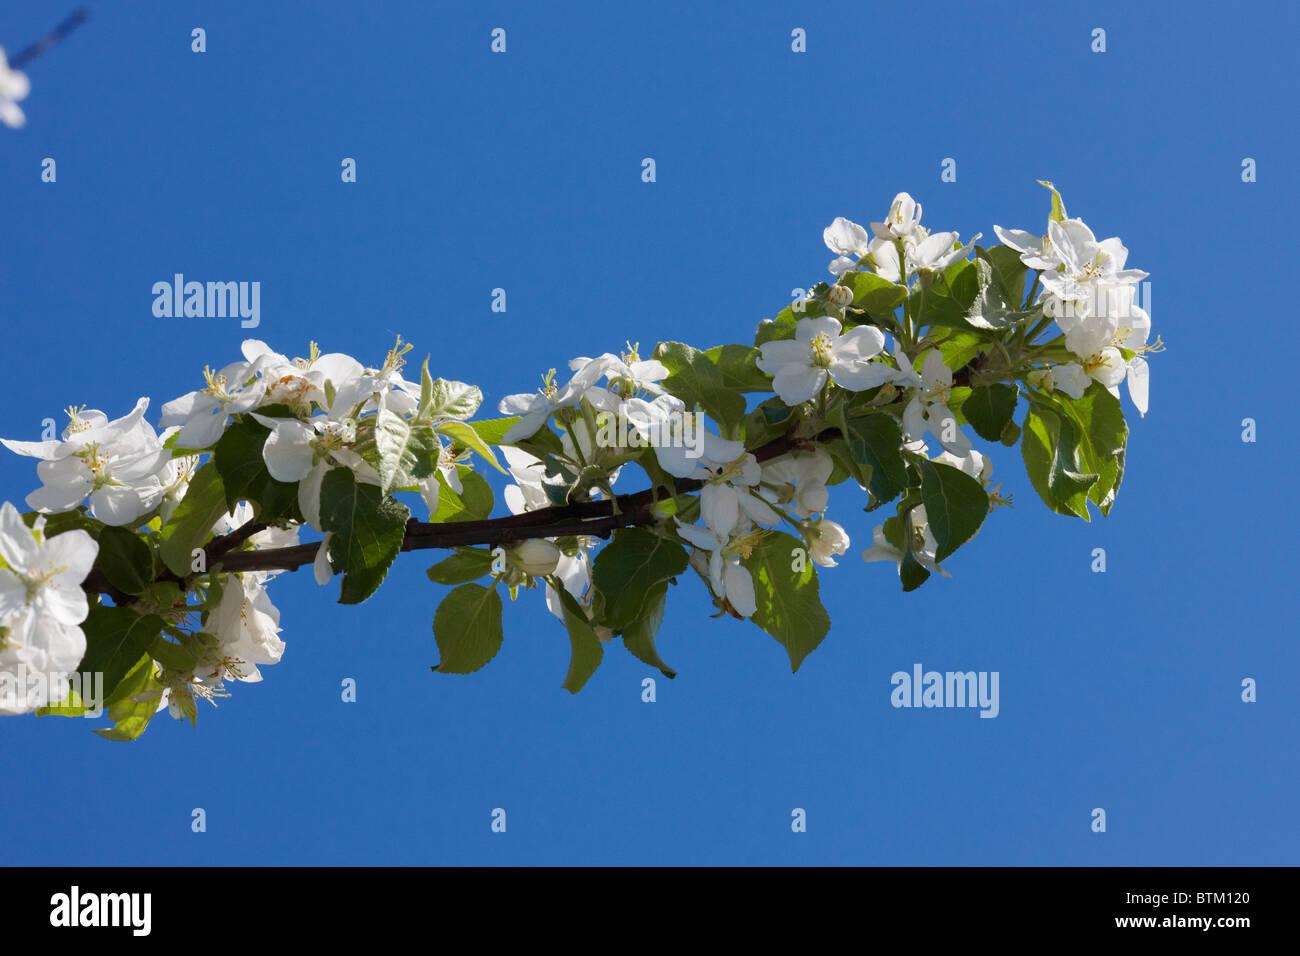 Blühender Zweig der Apfelbaum. Moskau, Russland. Stockbild